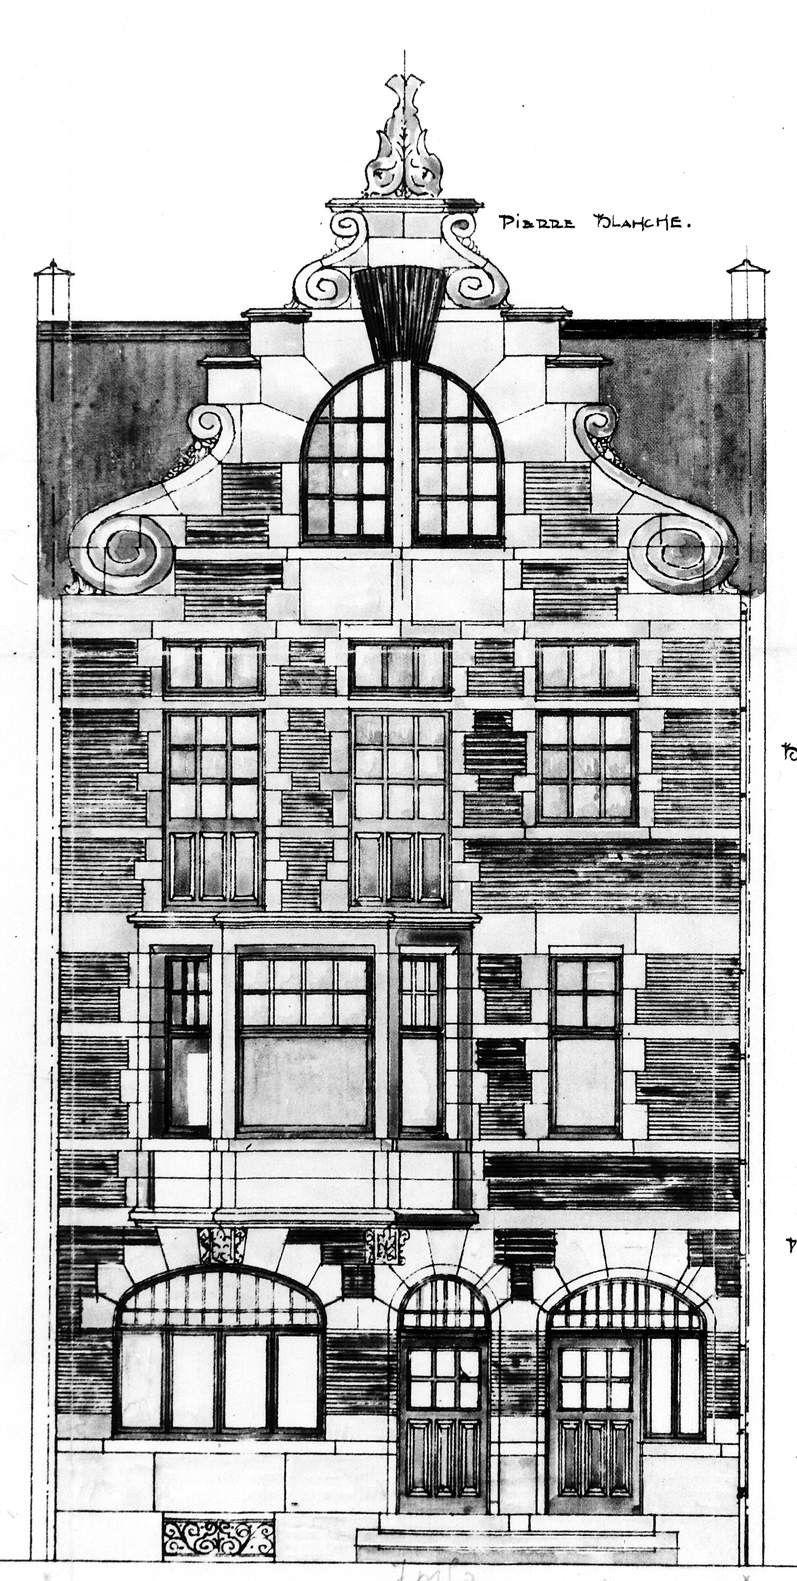 Etterbeek Avenue Edmond Mesens 11 11a Mineur Andre Architectuur Tekening Oude Architectuur Franse Architectuur